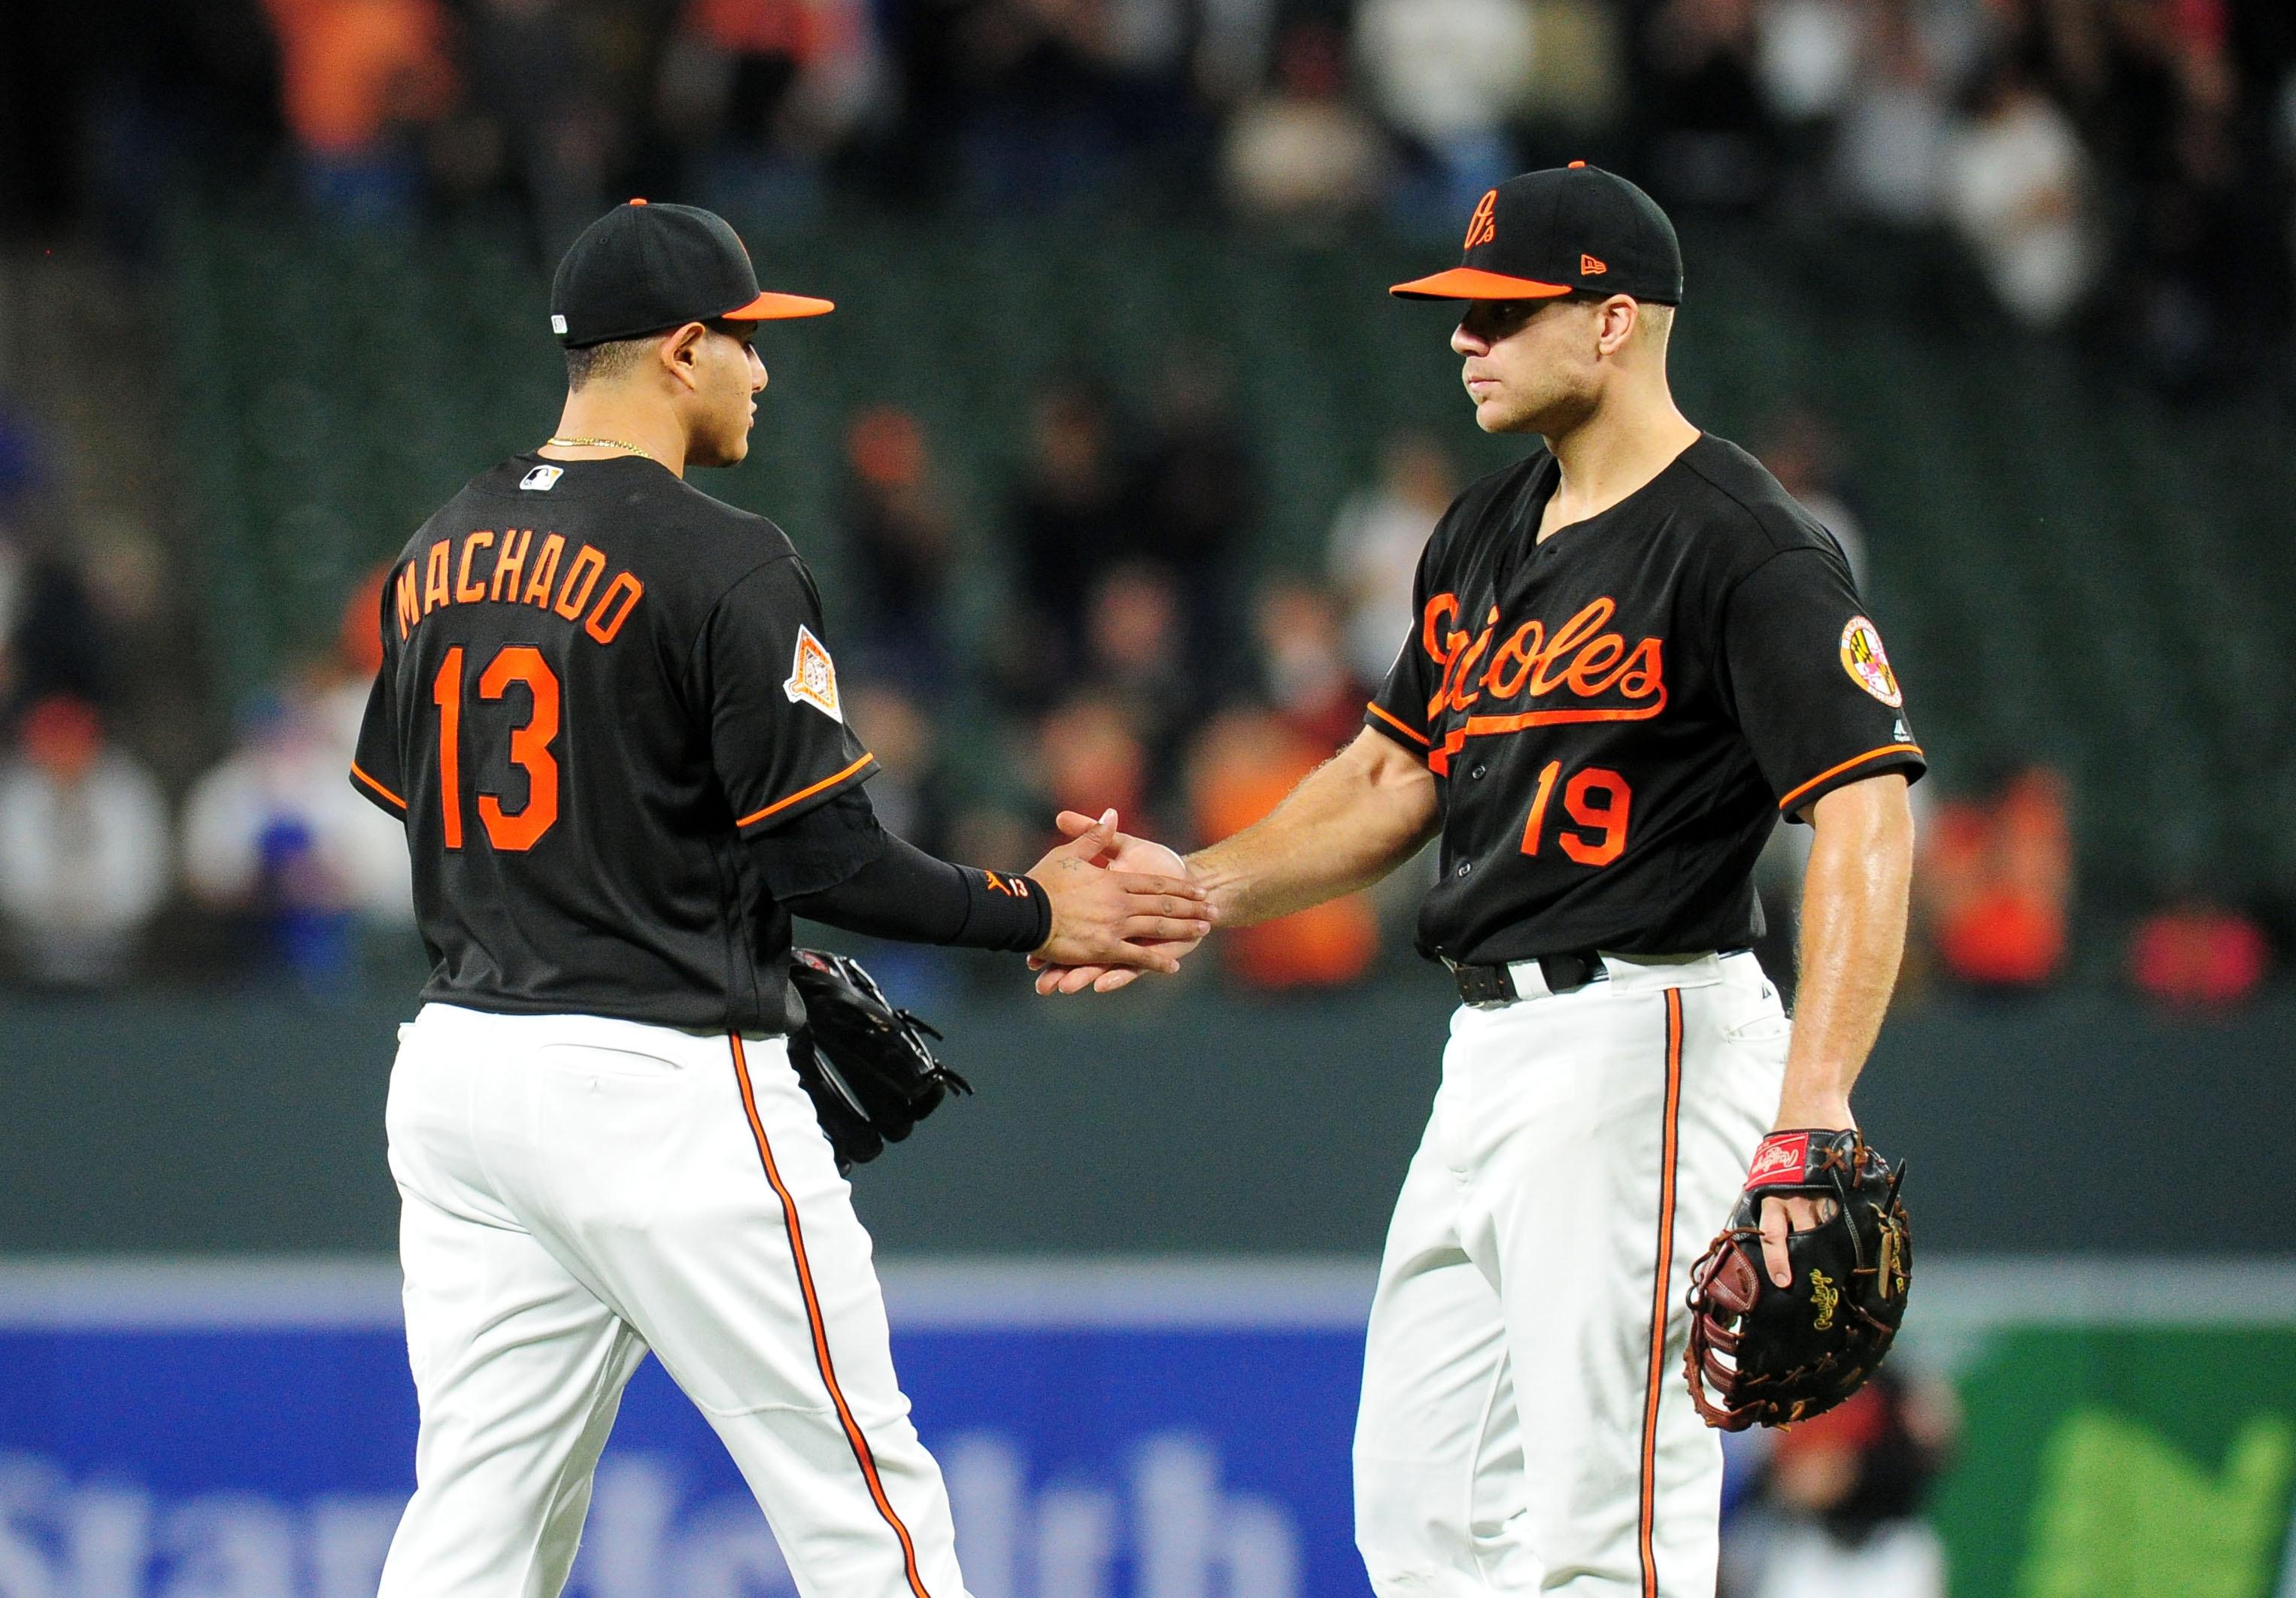 Manny Machado and Chris Davis